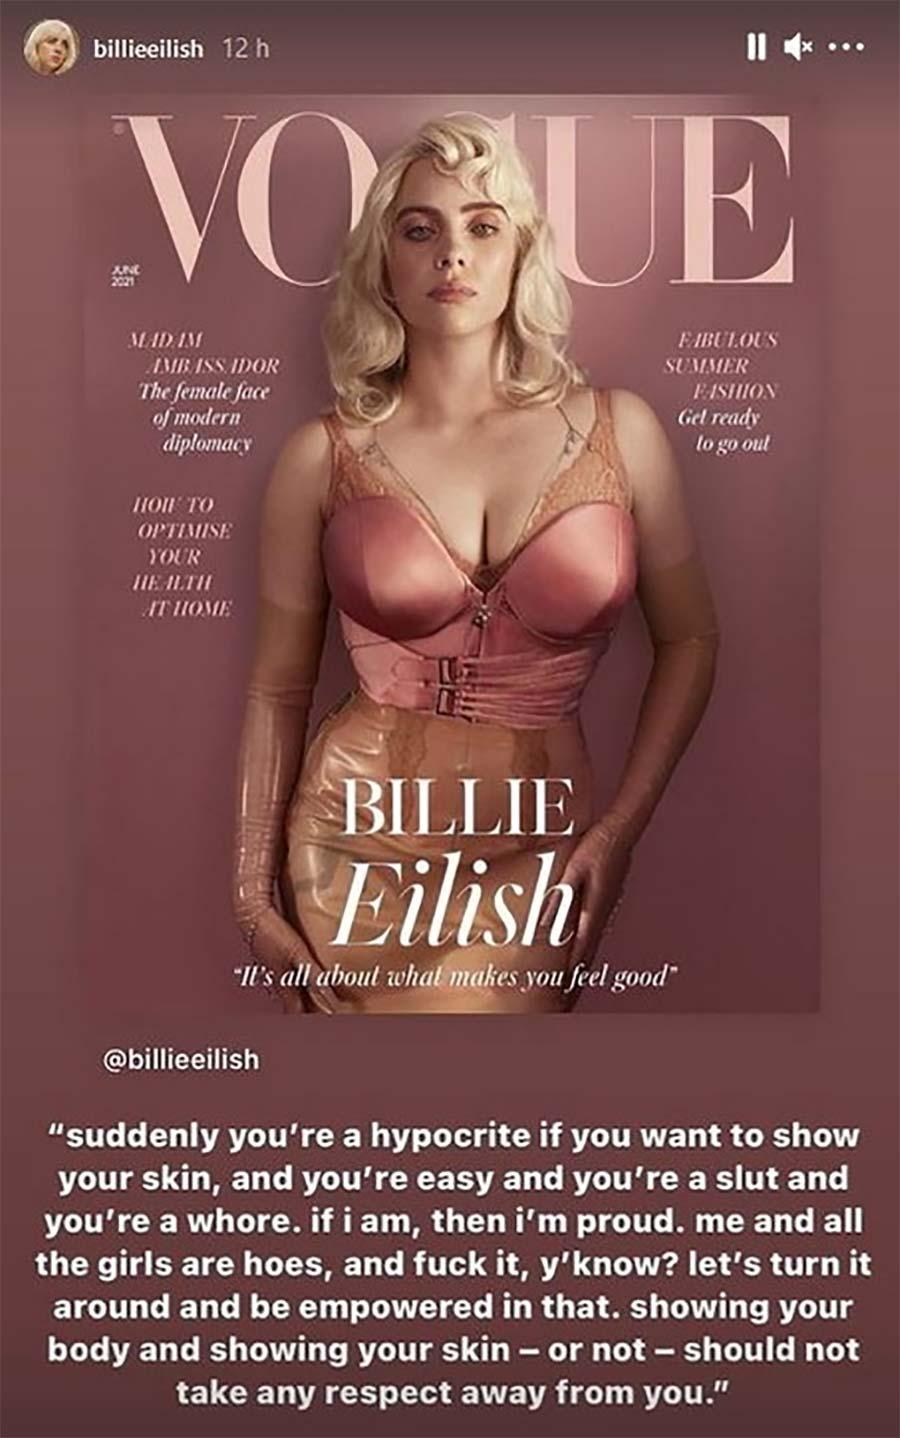 Billie Eilish vogue 2021